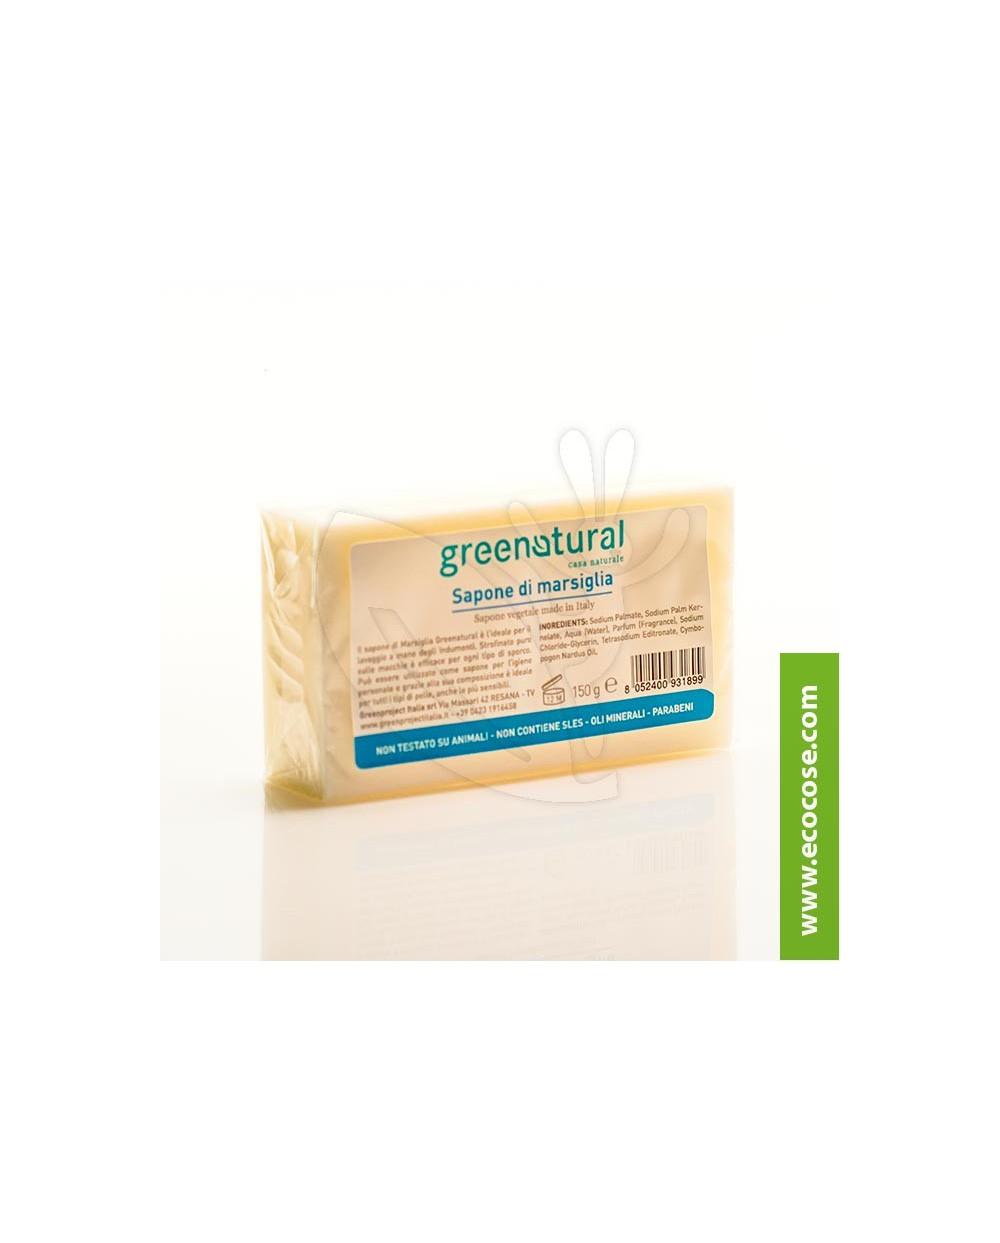 Greenatural - Sapone di Marsiglia 150 g